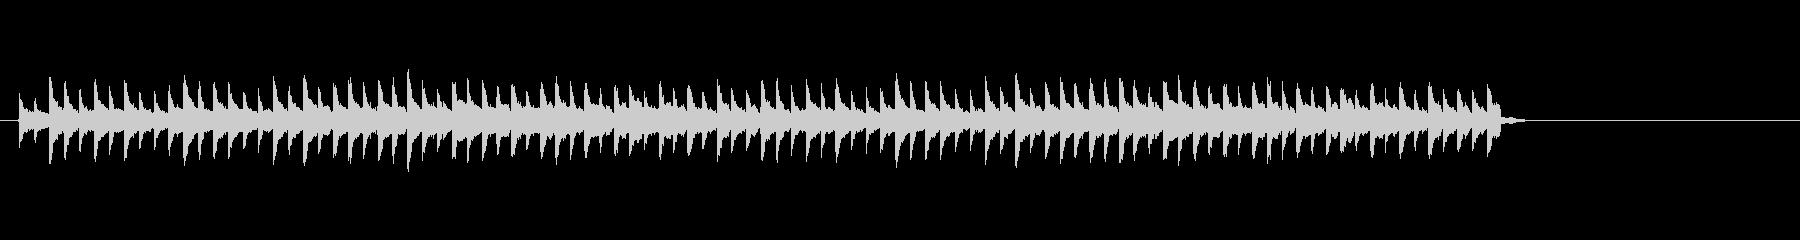 ベル、踏切鉄道信号信号ベルの未再生の波形